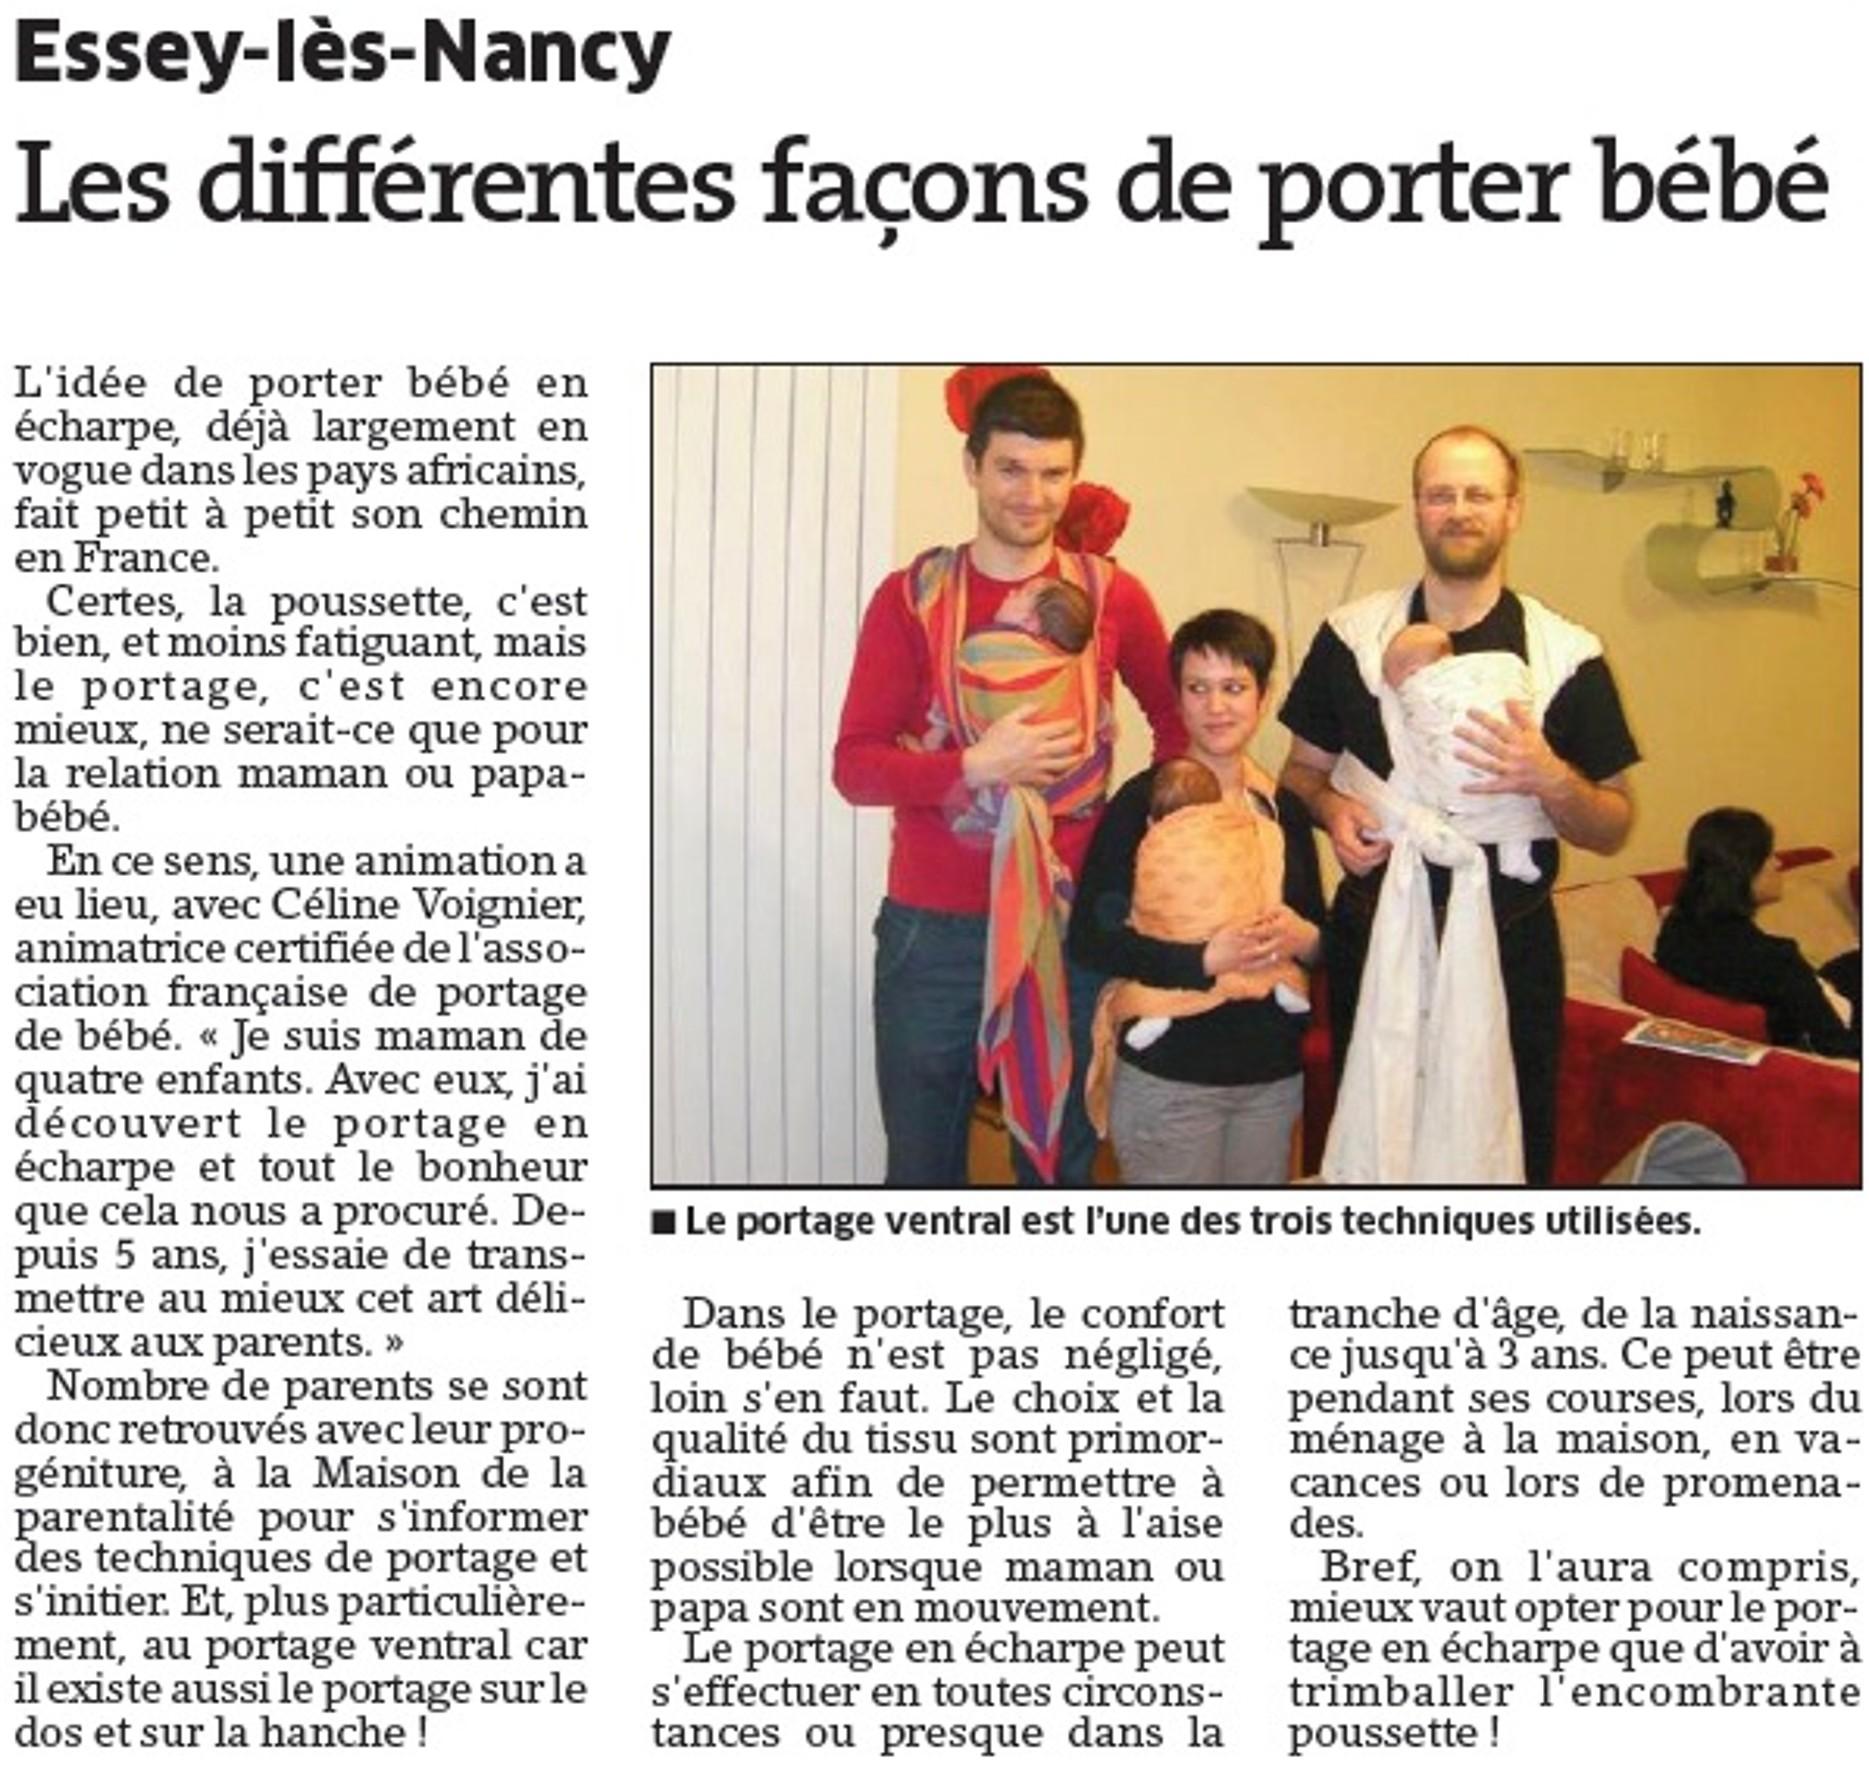 Les différentes façons de porter bébé - Essey-lès-Nancy